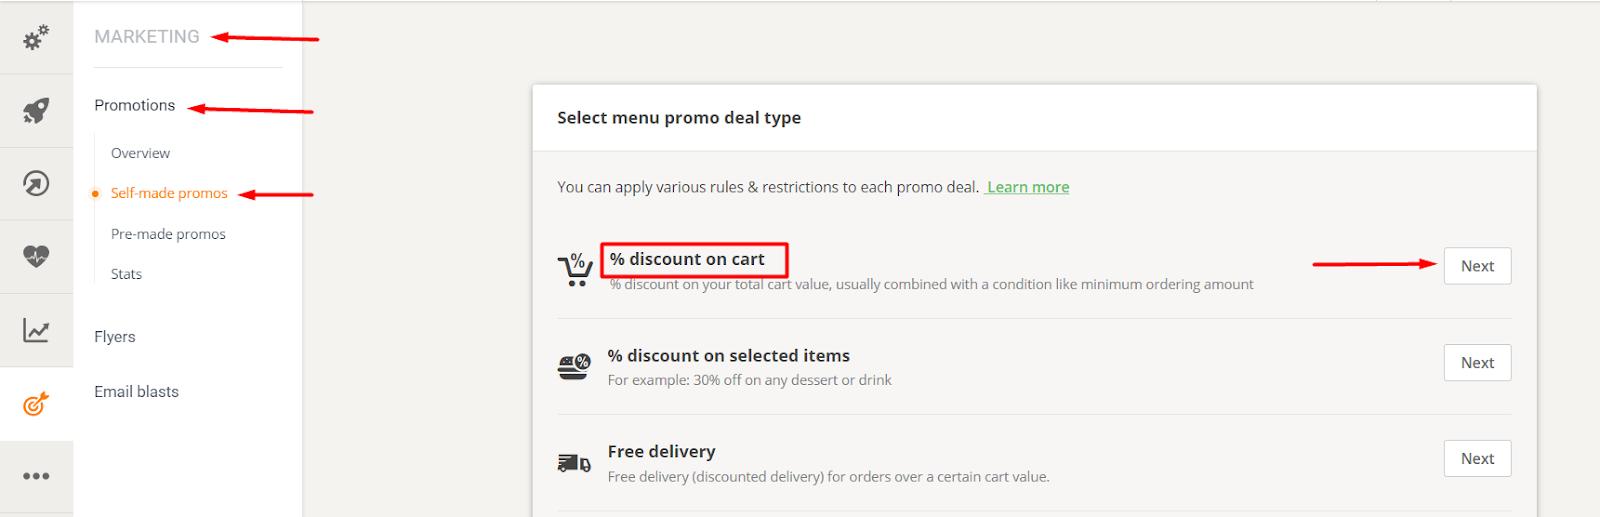 discount cart promotion - restaurant promotion messages